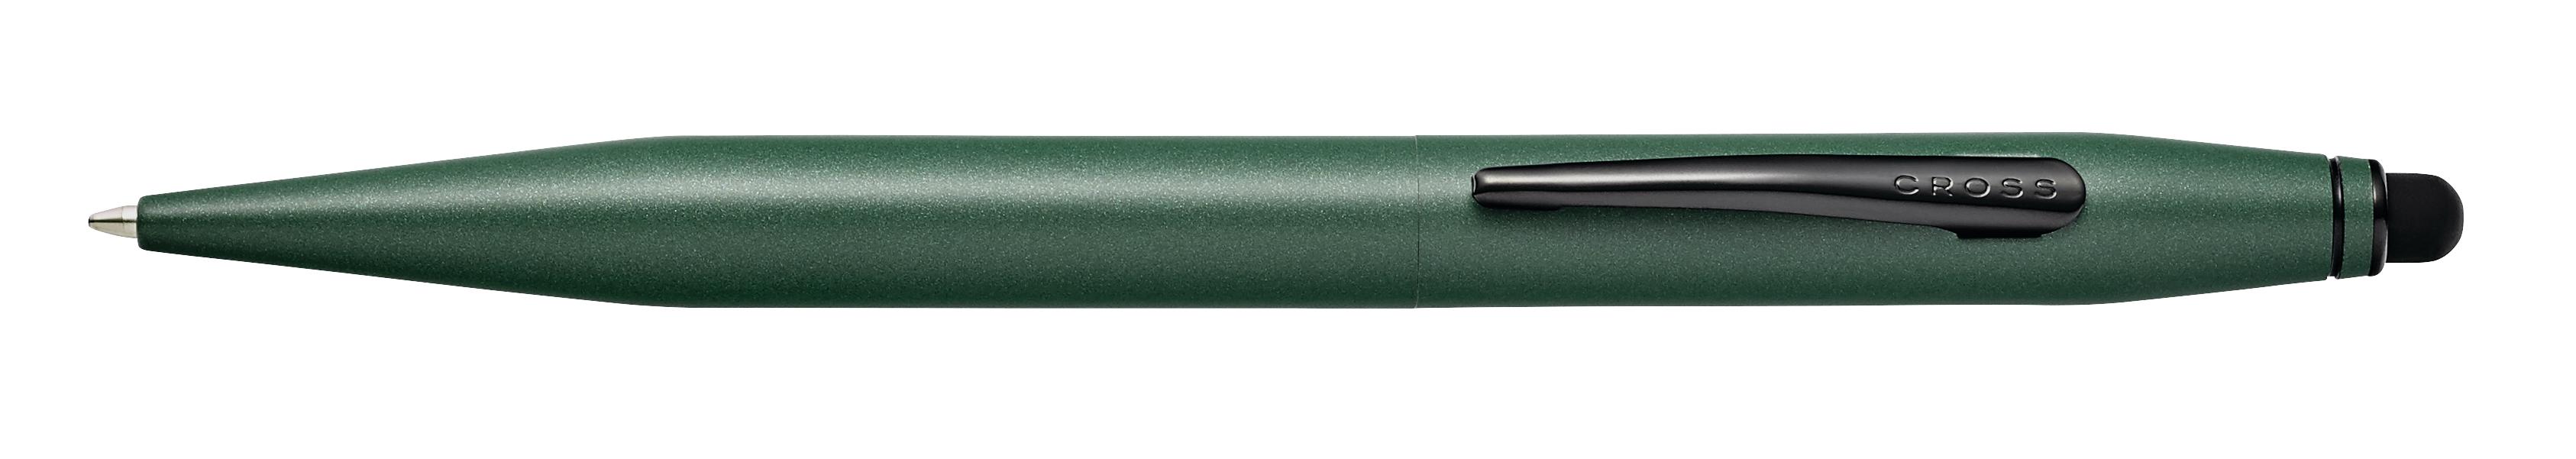 Tech 2 Matte Green Ballpoint Pen with Stylus